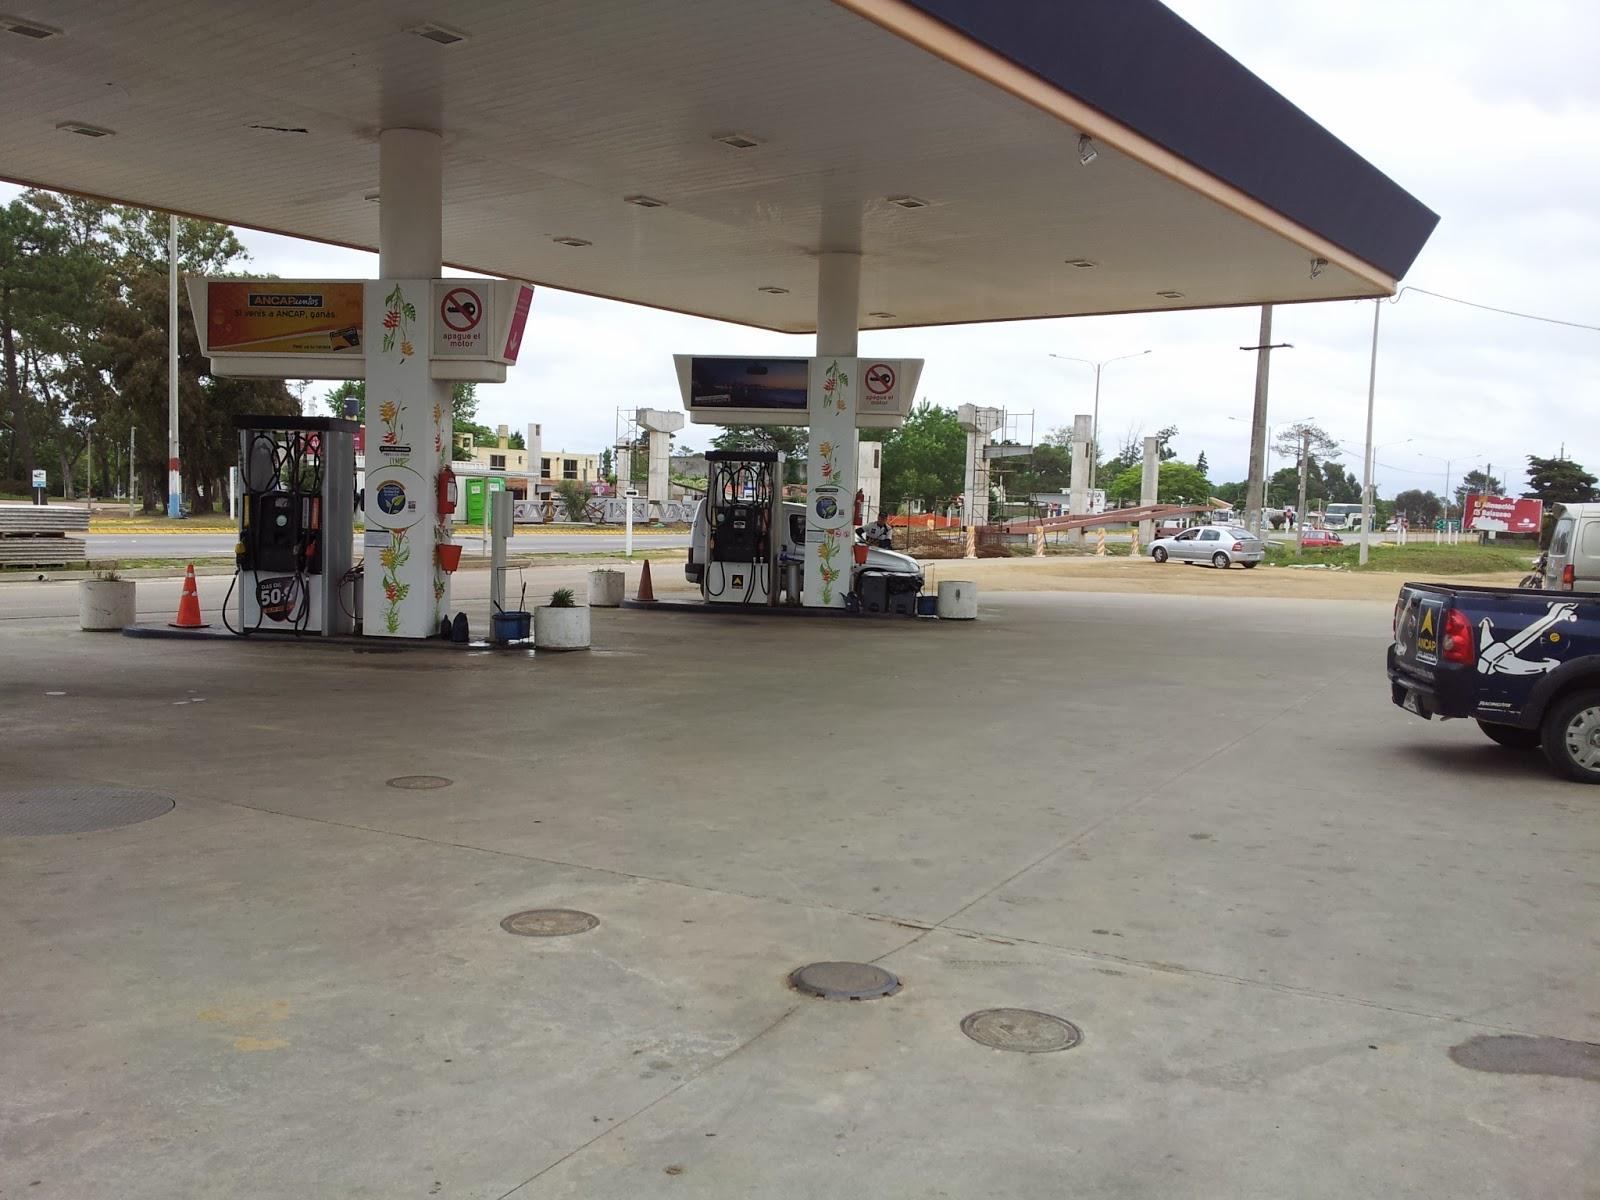 2109 wird, wenn geführt das Benzin in den Vergaser zu gießen